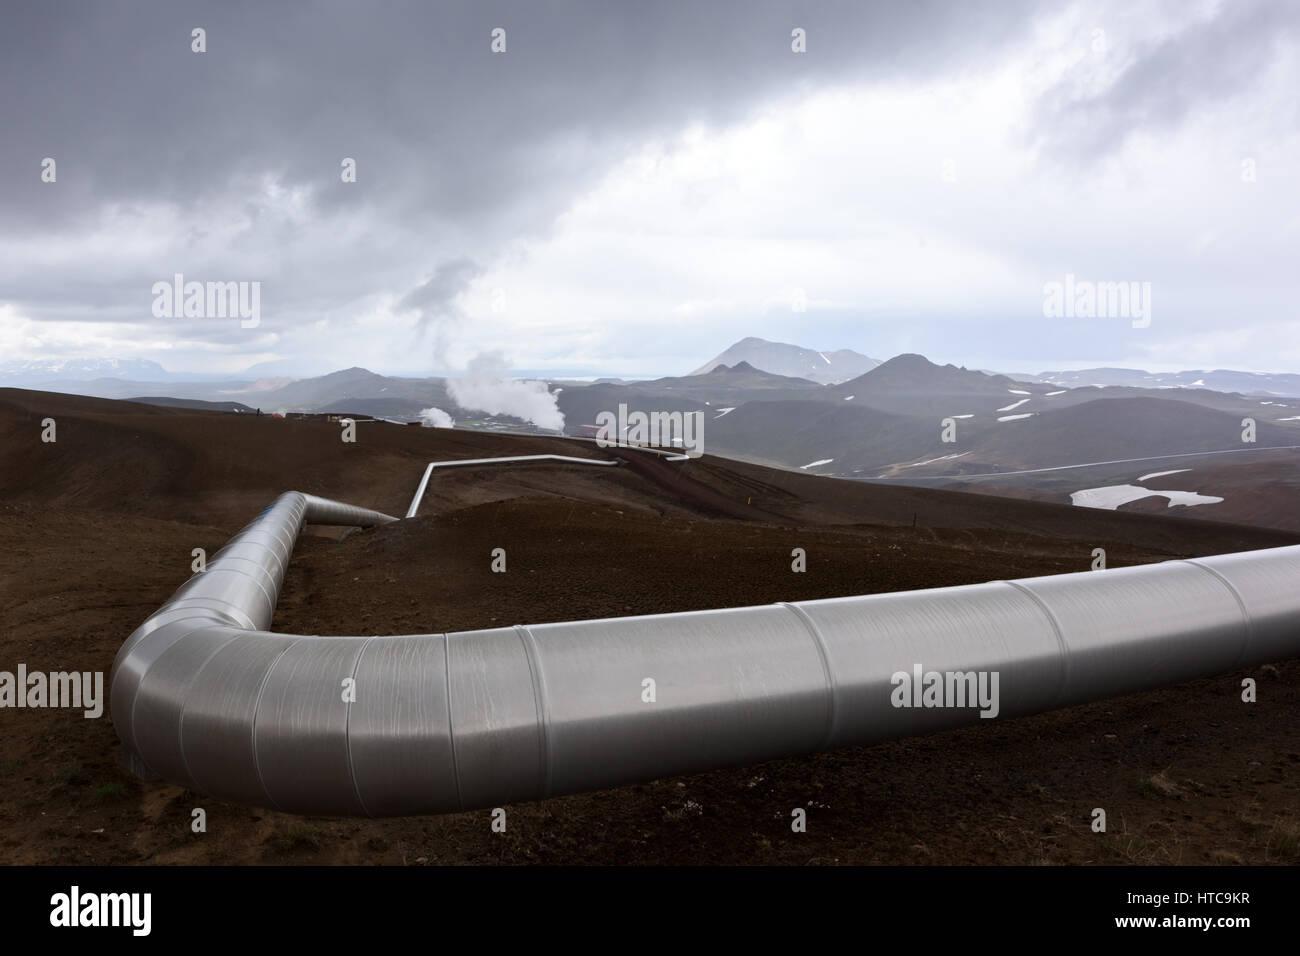 Islandia paisaje con tubos en las montañas. La energía geotérmica en las operaciones. Imagen De Stock